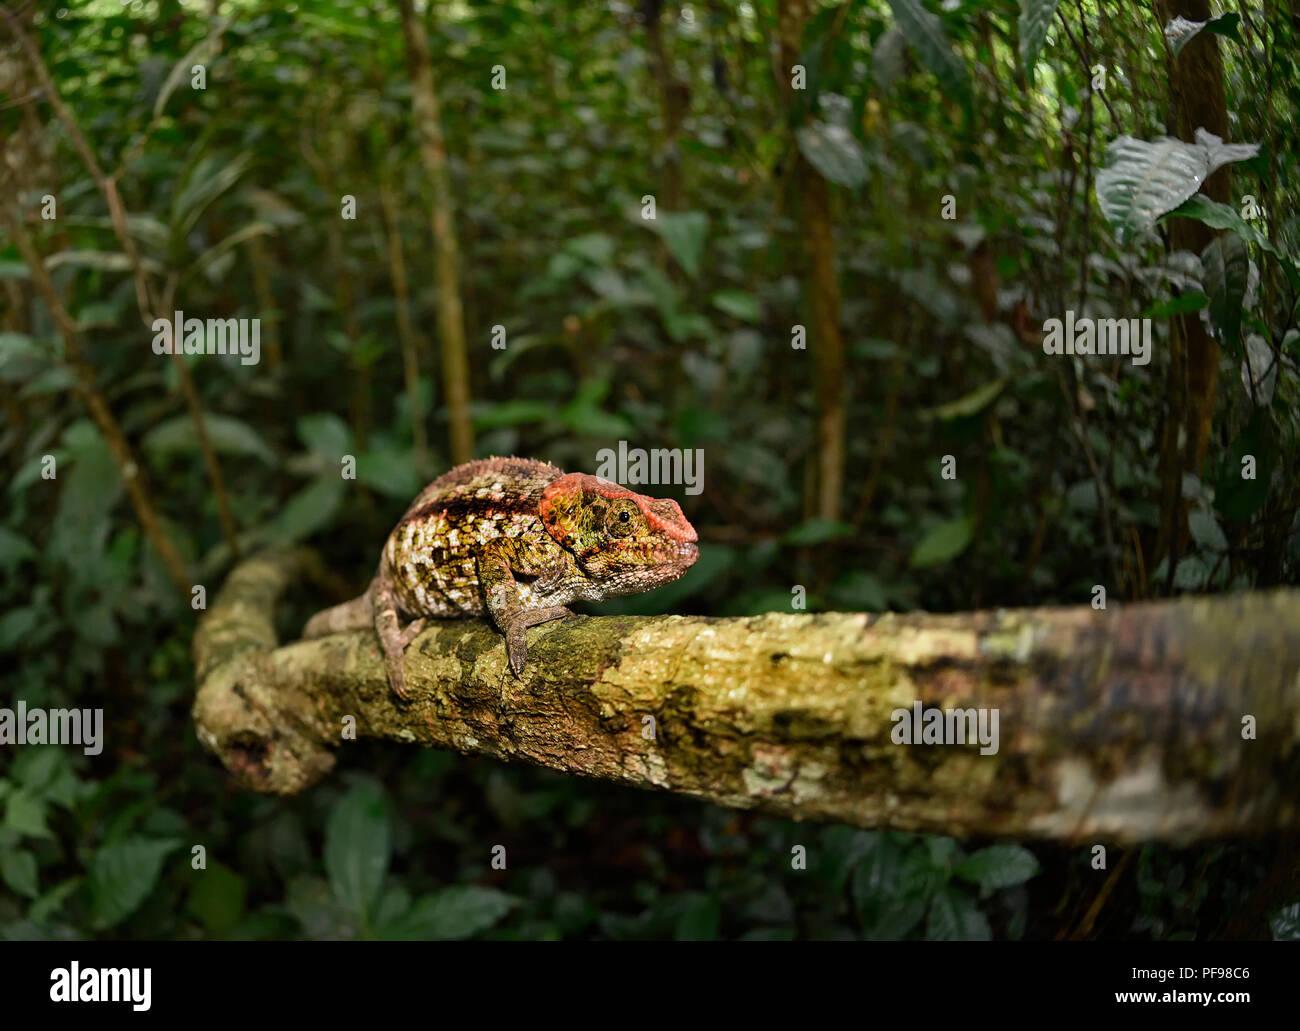 Short-horned chameleon (Calumma brevicorne) on branch, rainforest, eastern Madagascar, Madagascar - Stock Image